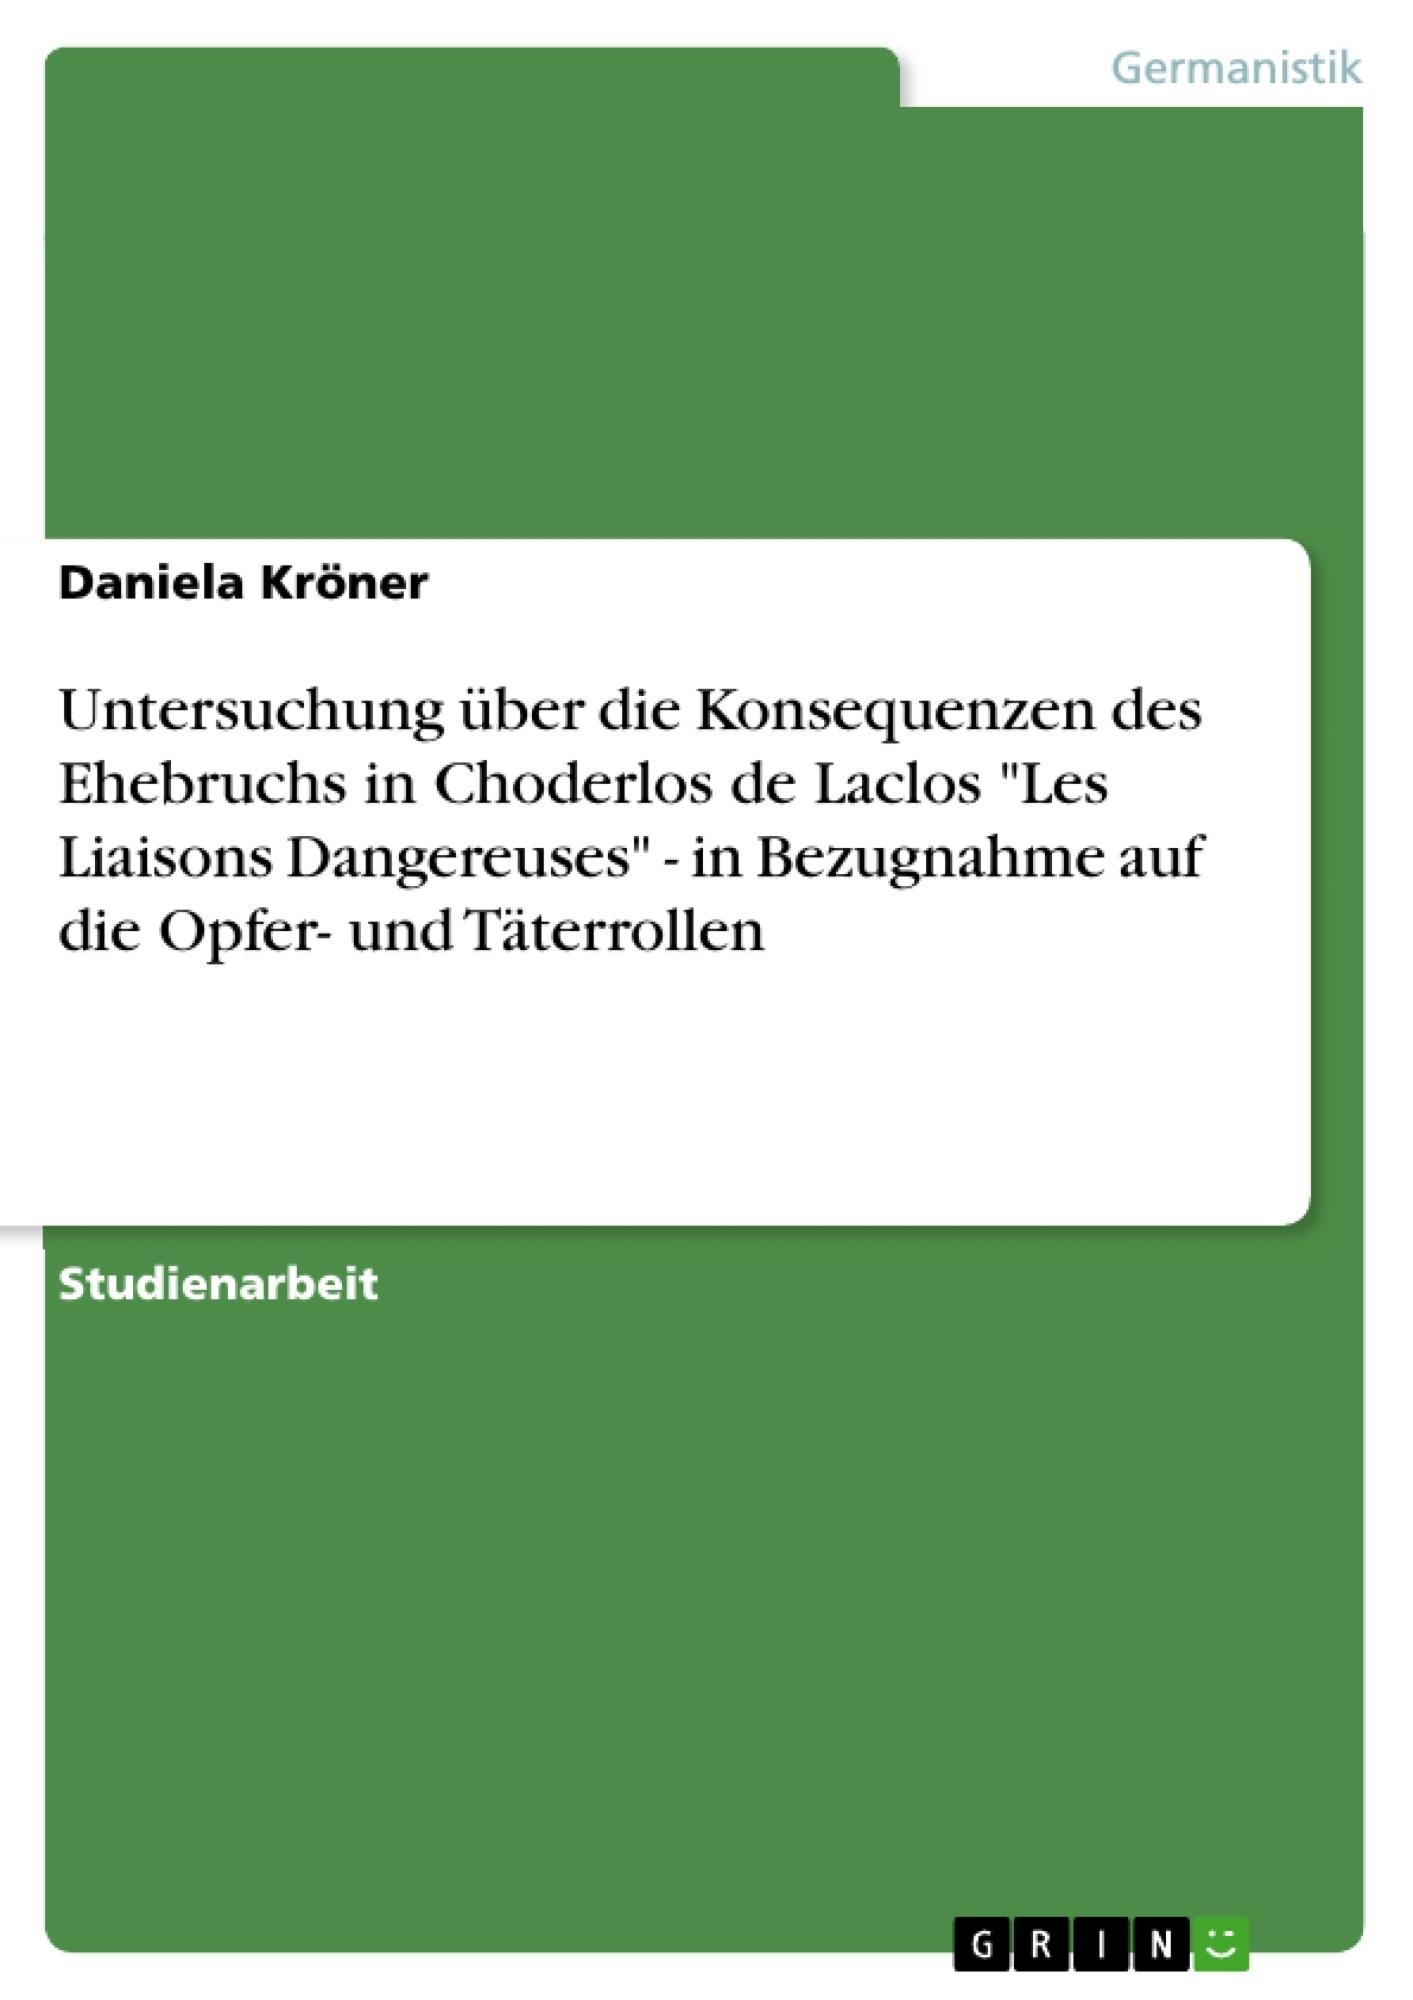 """Titel: Untersuchung über die Konsequenzen des Ehebruchs in Choderlos de Laclos """"Les Liaisons Dangereuses"""" - in Bezugnahme auf die Opfer- und Täterrollen"""